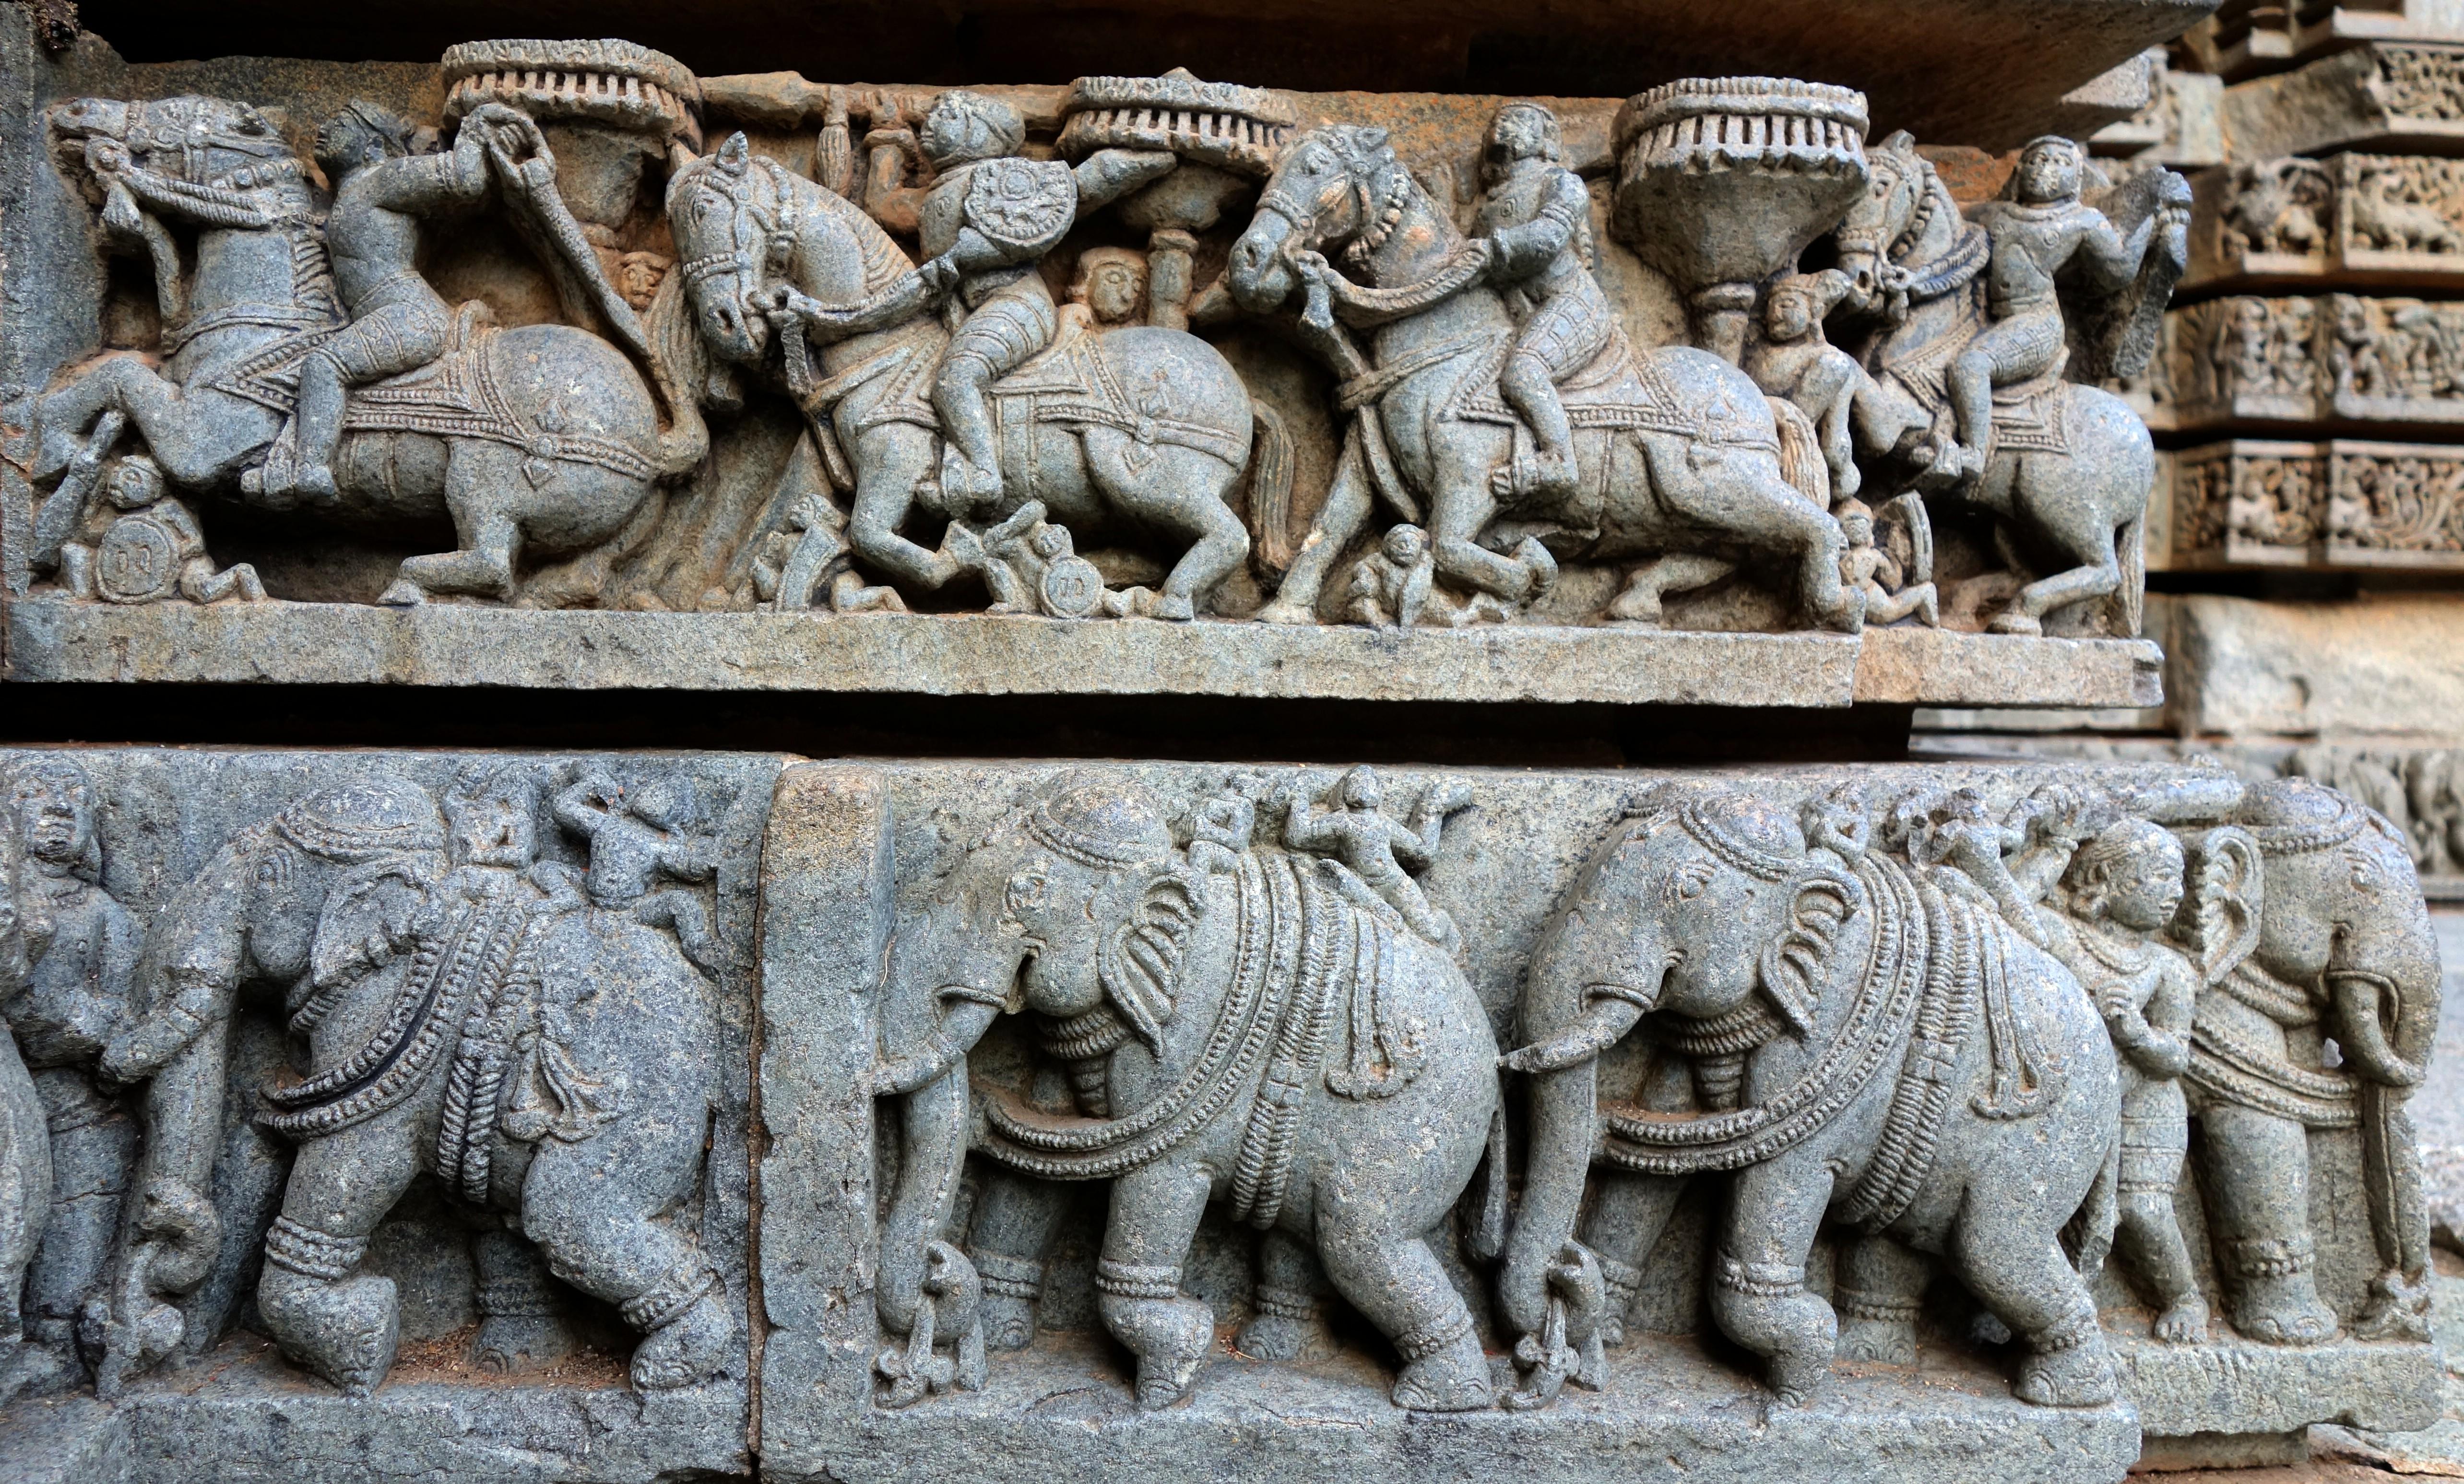 File20150712 KeshavaTempel  Friese mit Elefanten und Pferden